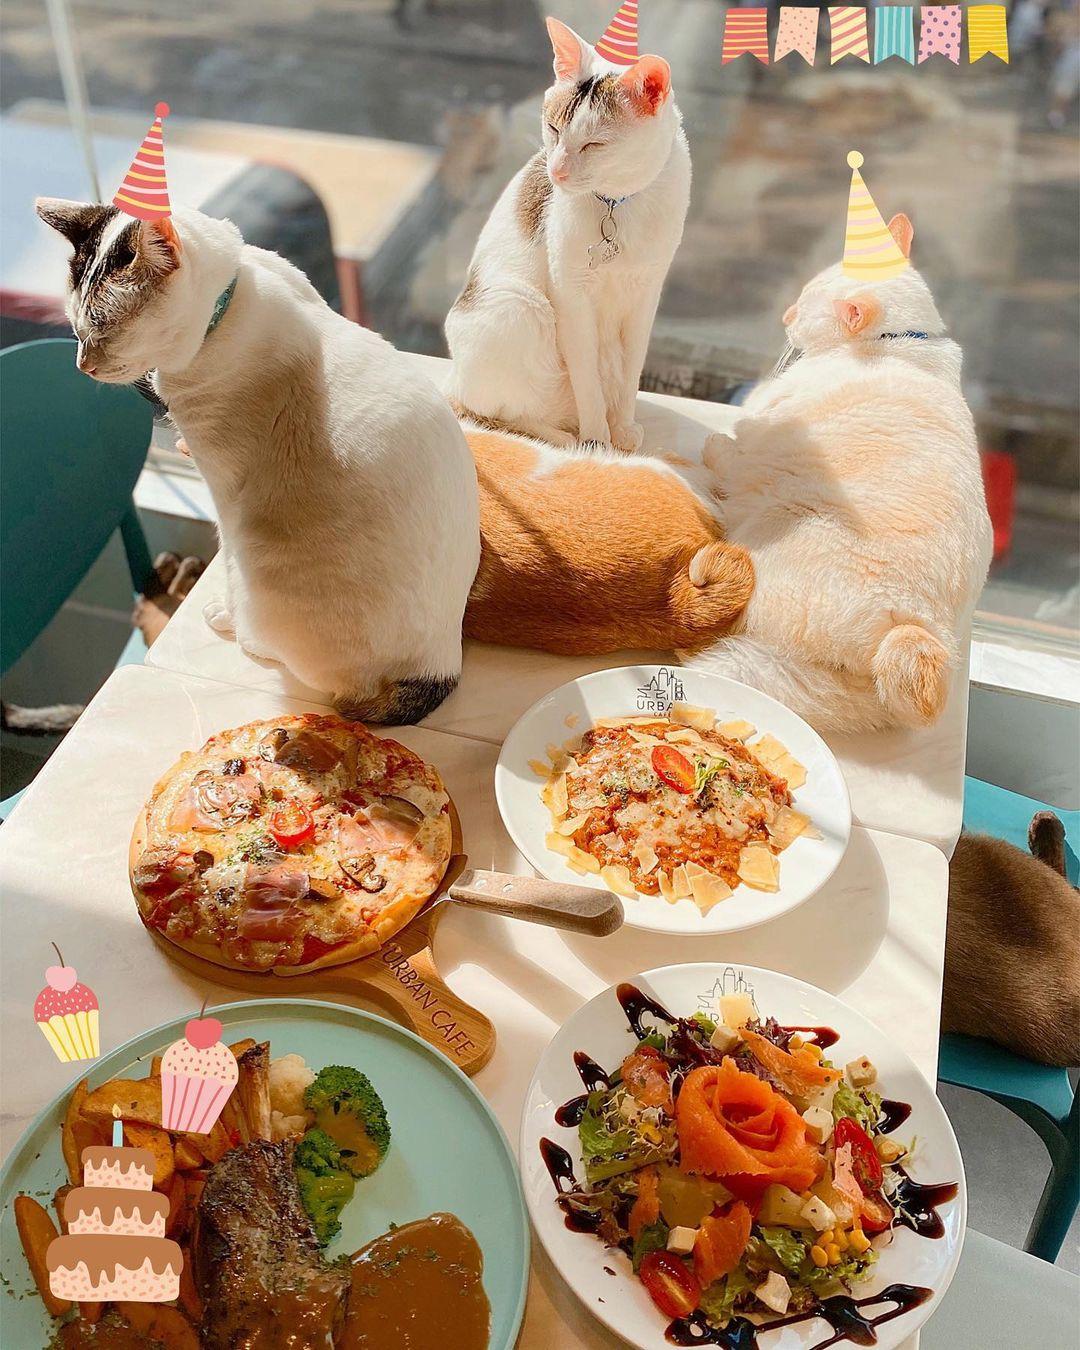 貓奴 寵物 貓Cafe 良心小店 主子 URBAN Cafe 油麻地 觀塘